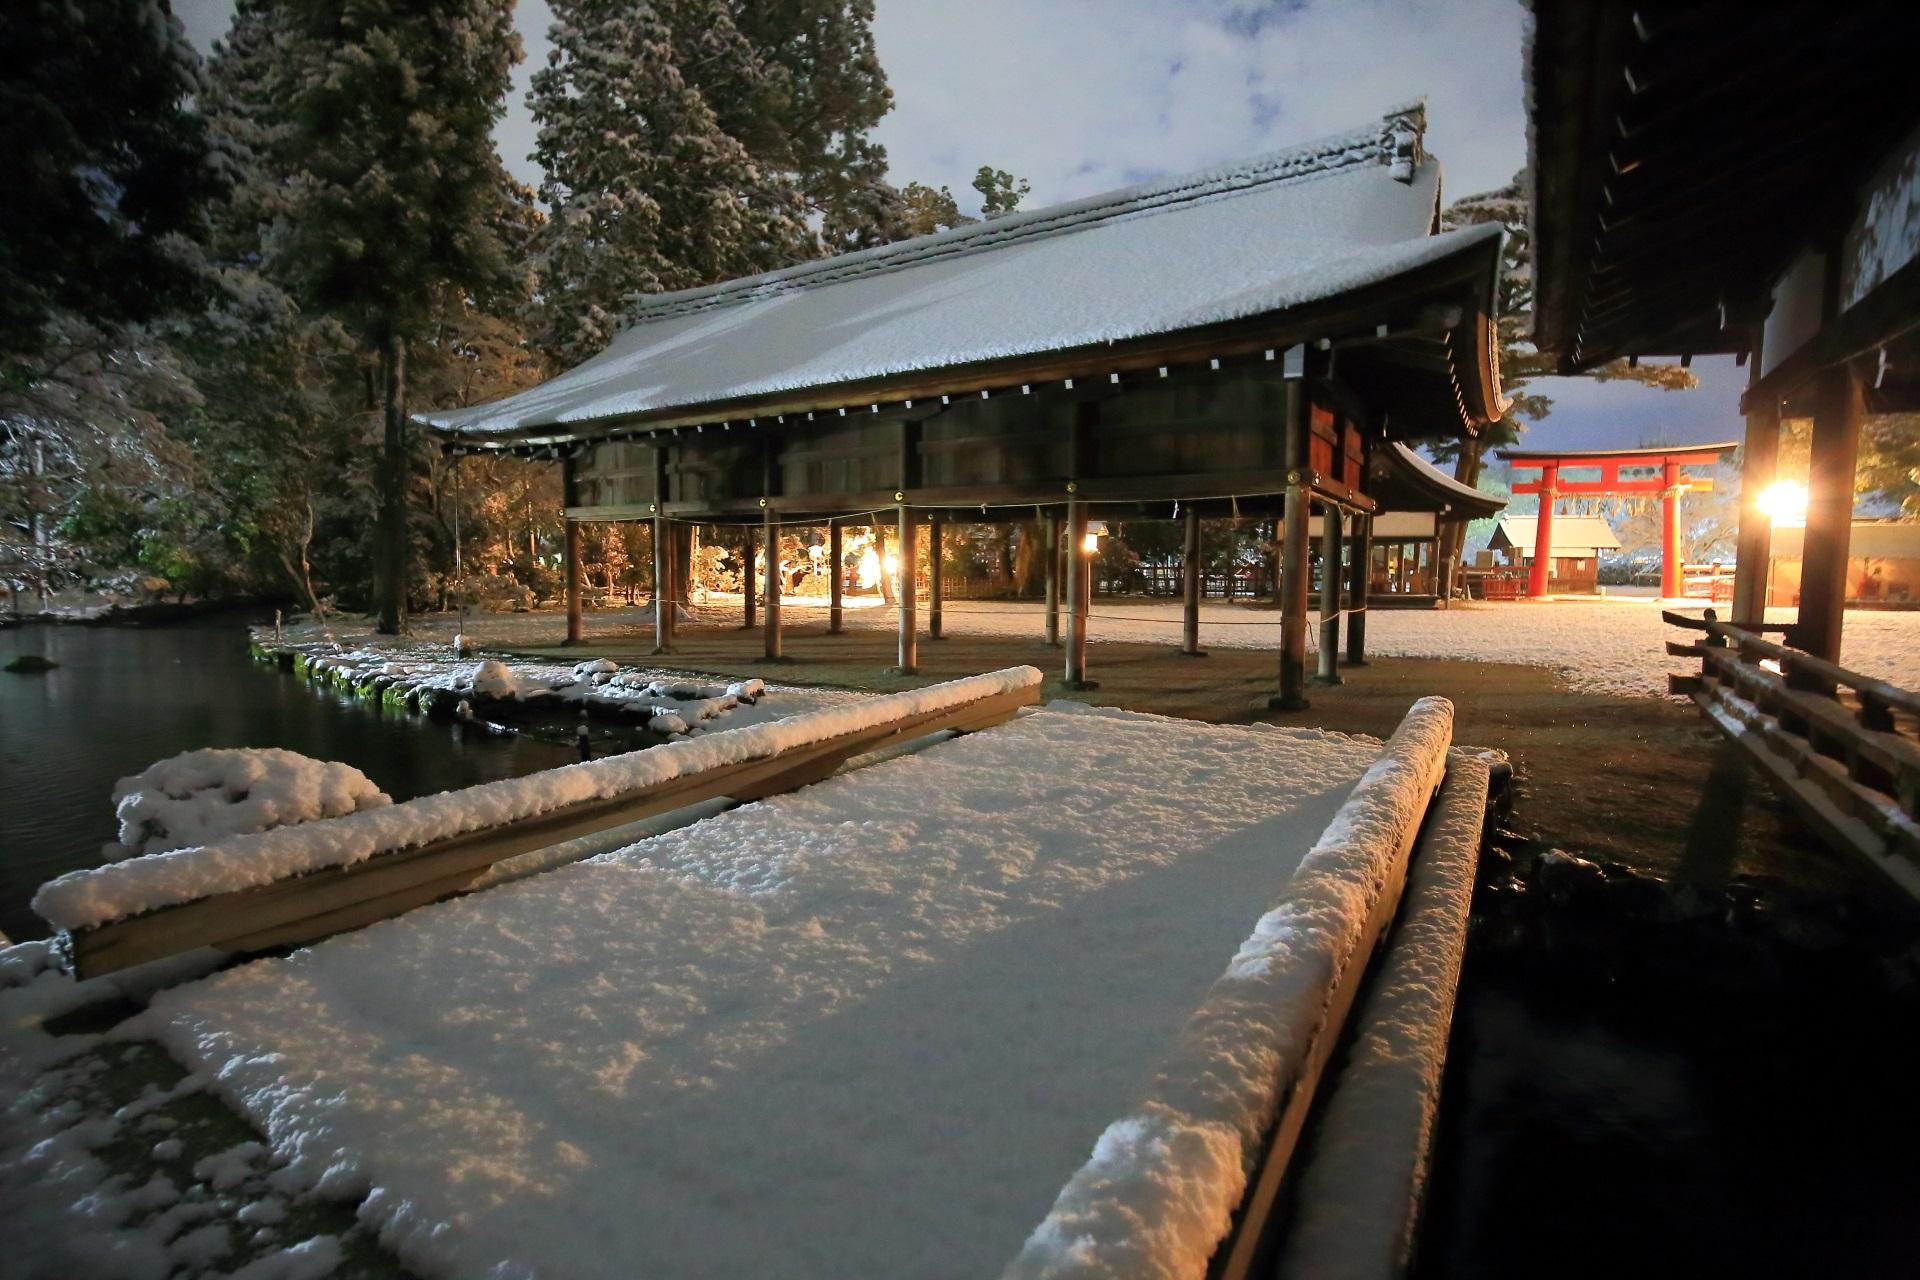 上賀茂神社の土舎や橋殿付近の雪景色